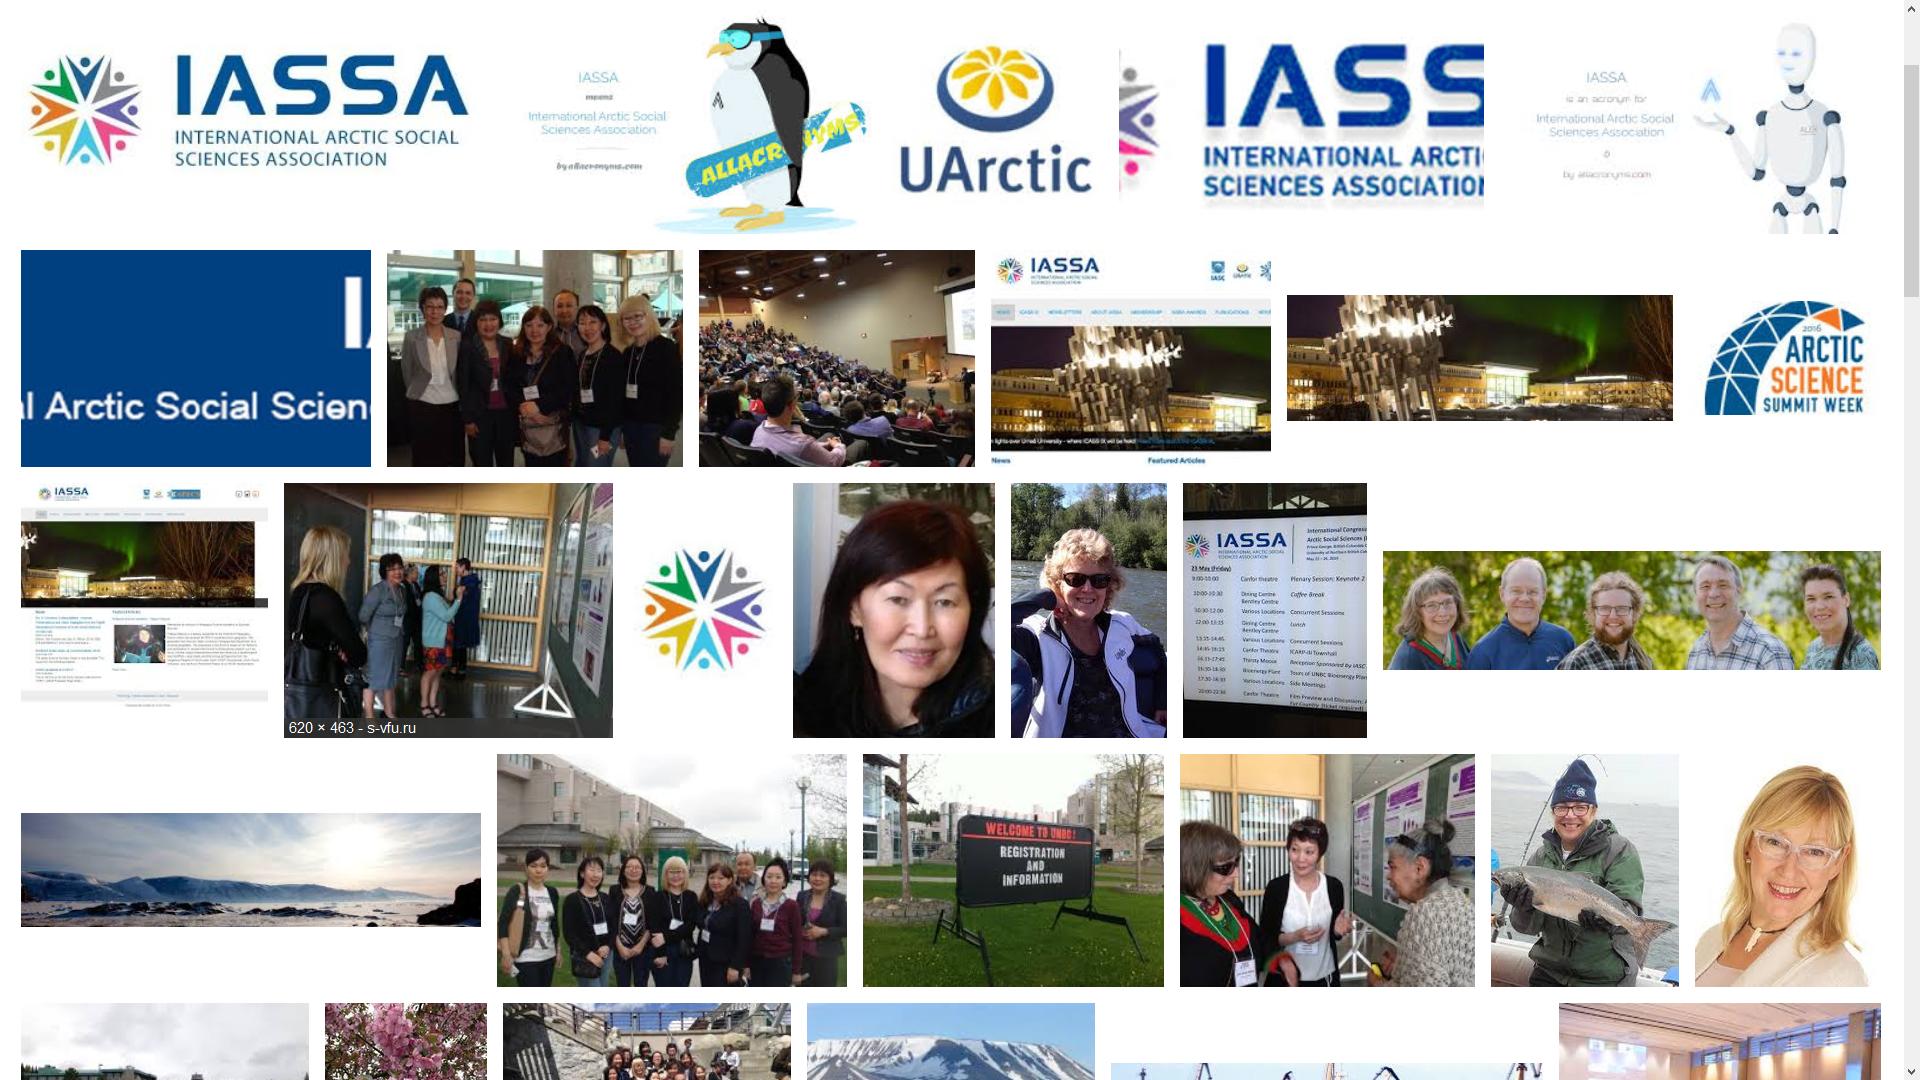 Международное арктическое общество